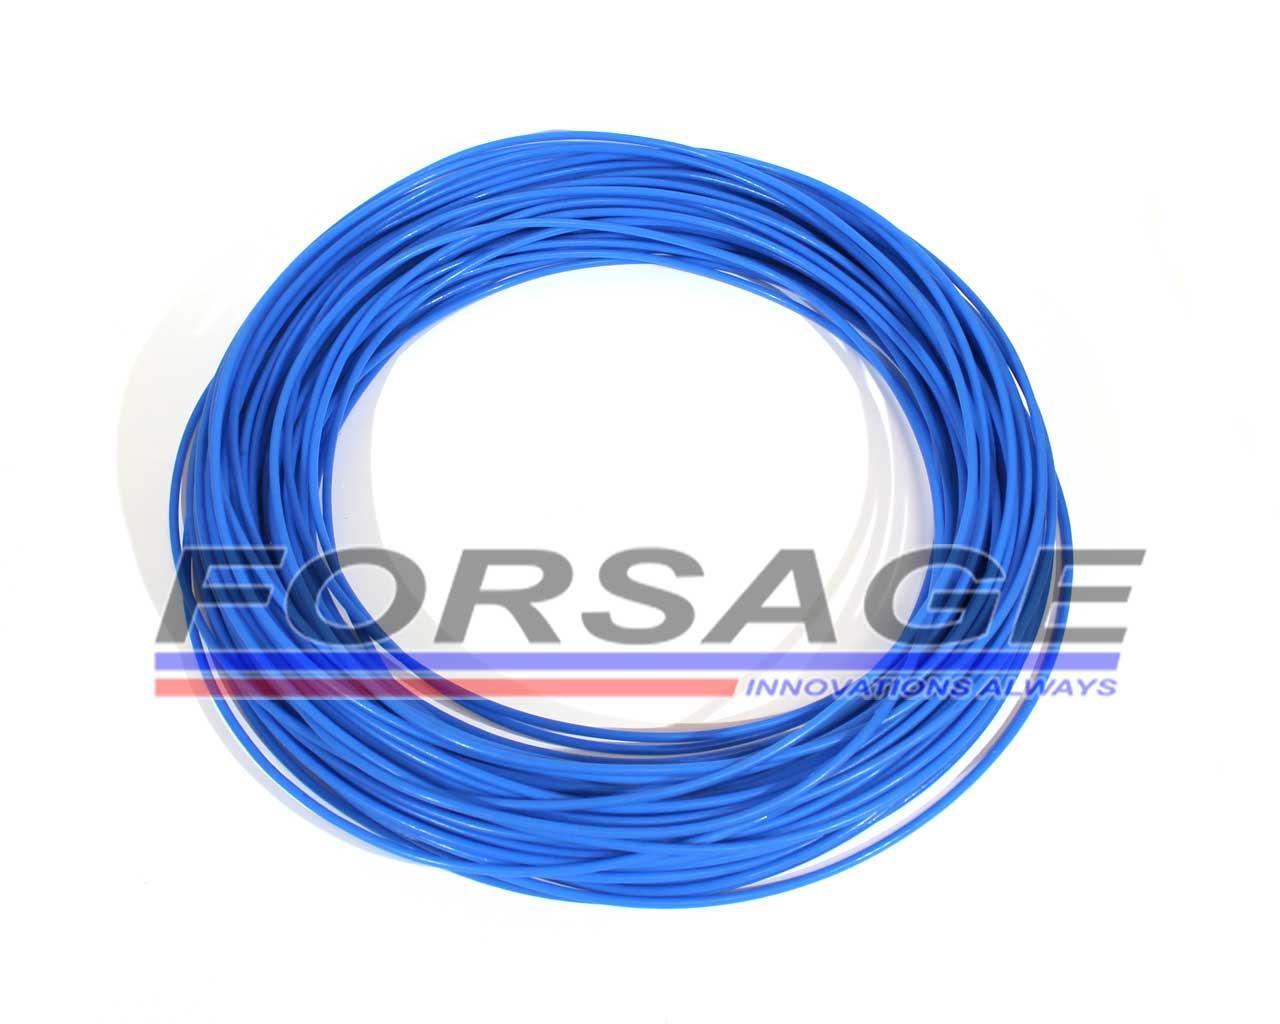 Тефлоновый подающий канал под алюминиевую проволоку Ø0,8 - 1,0 мм (синий)